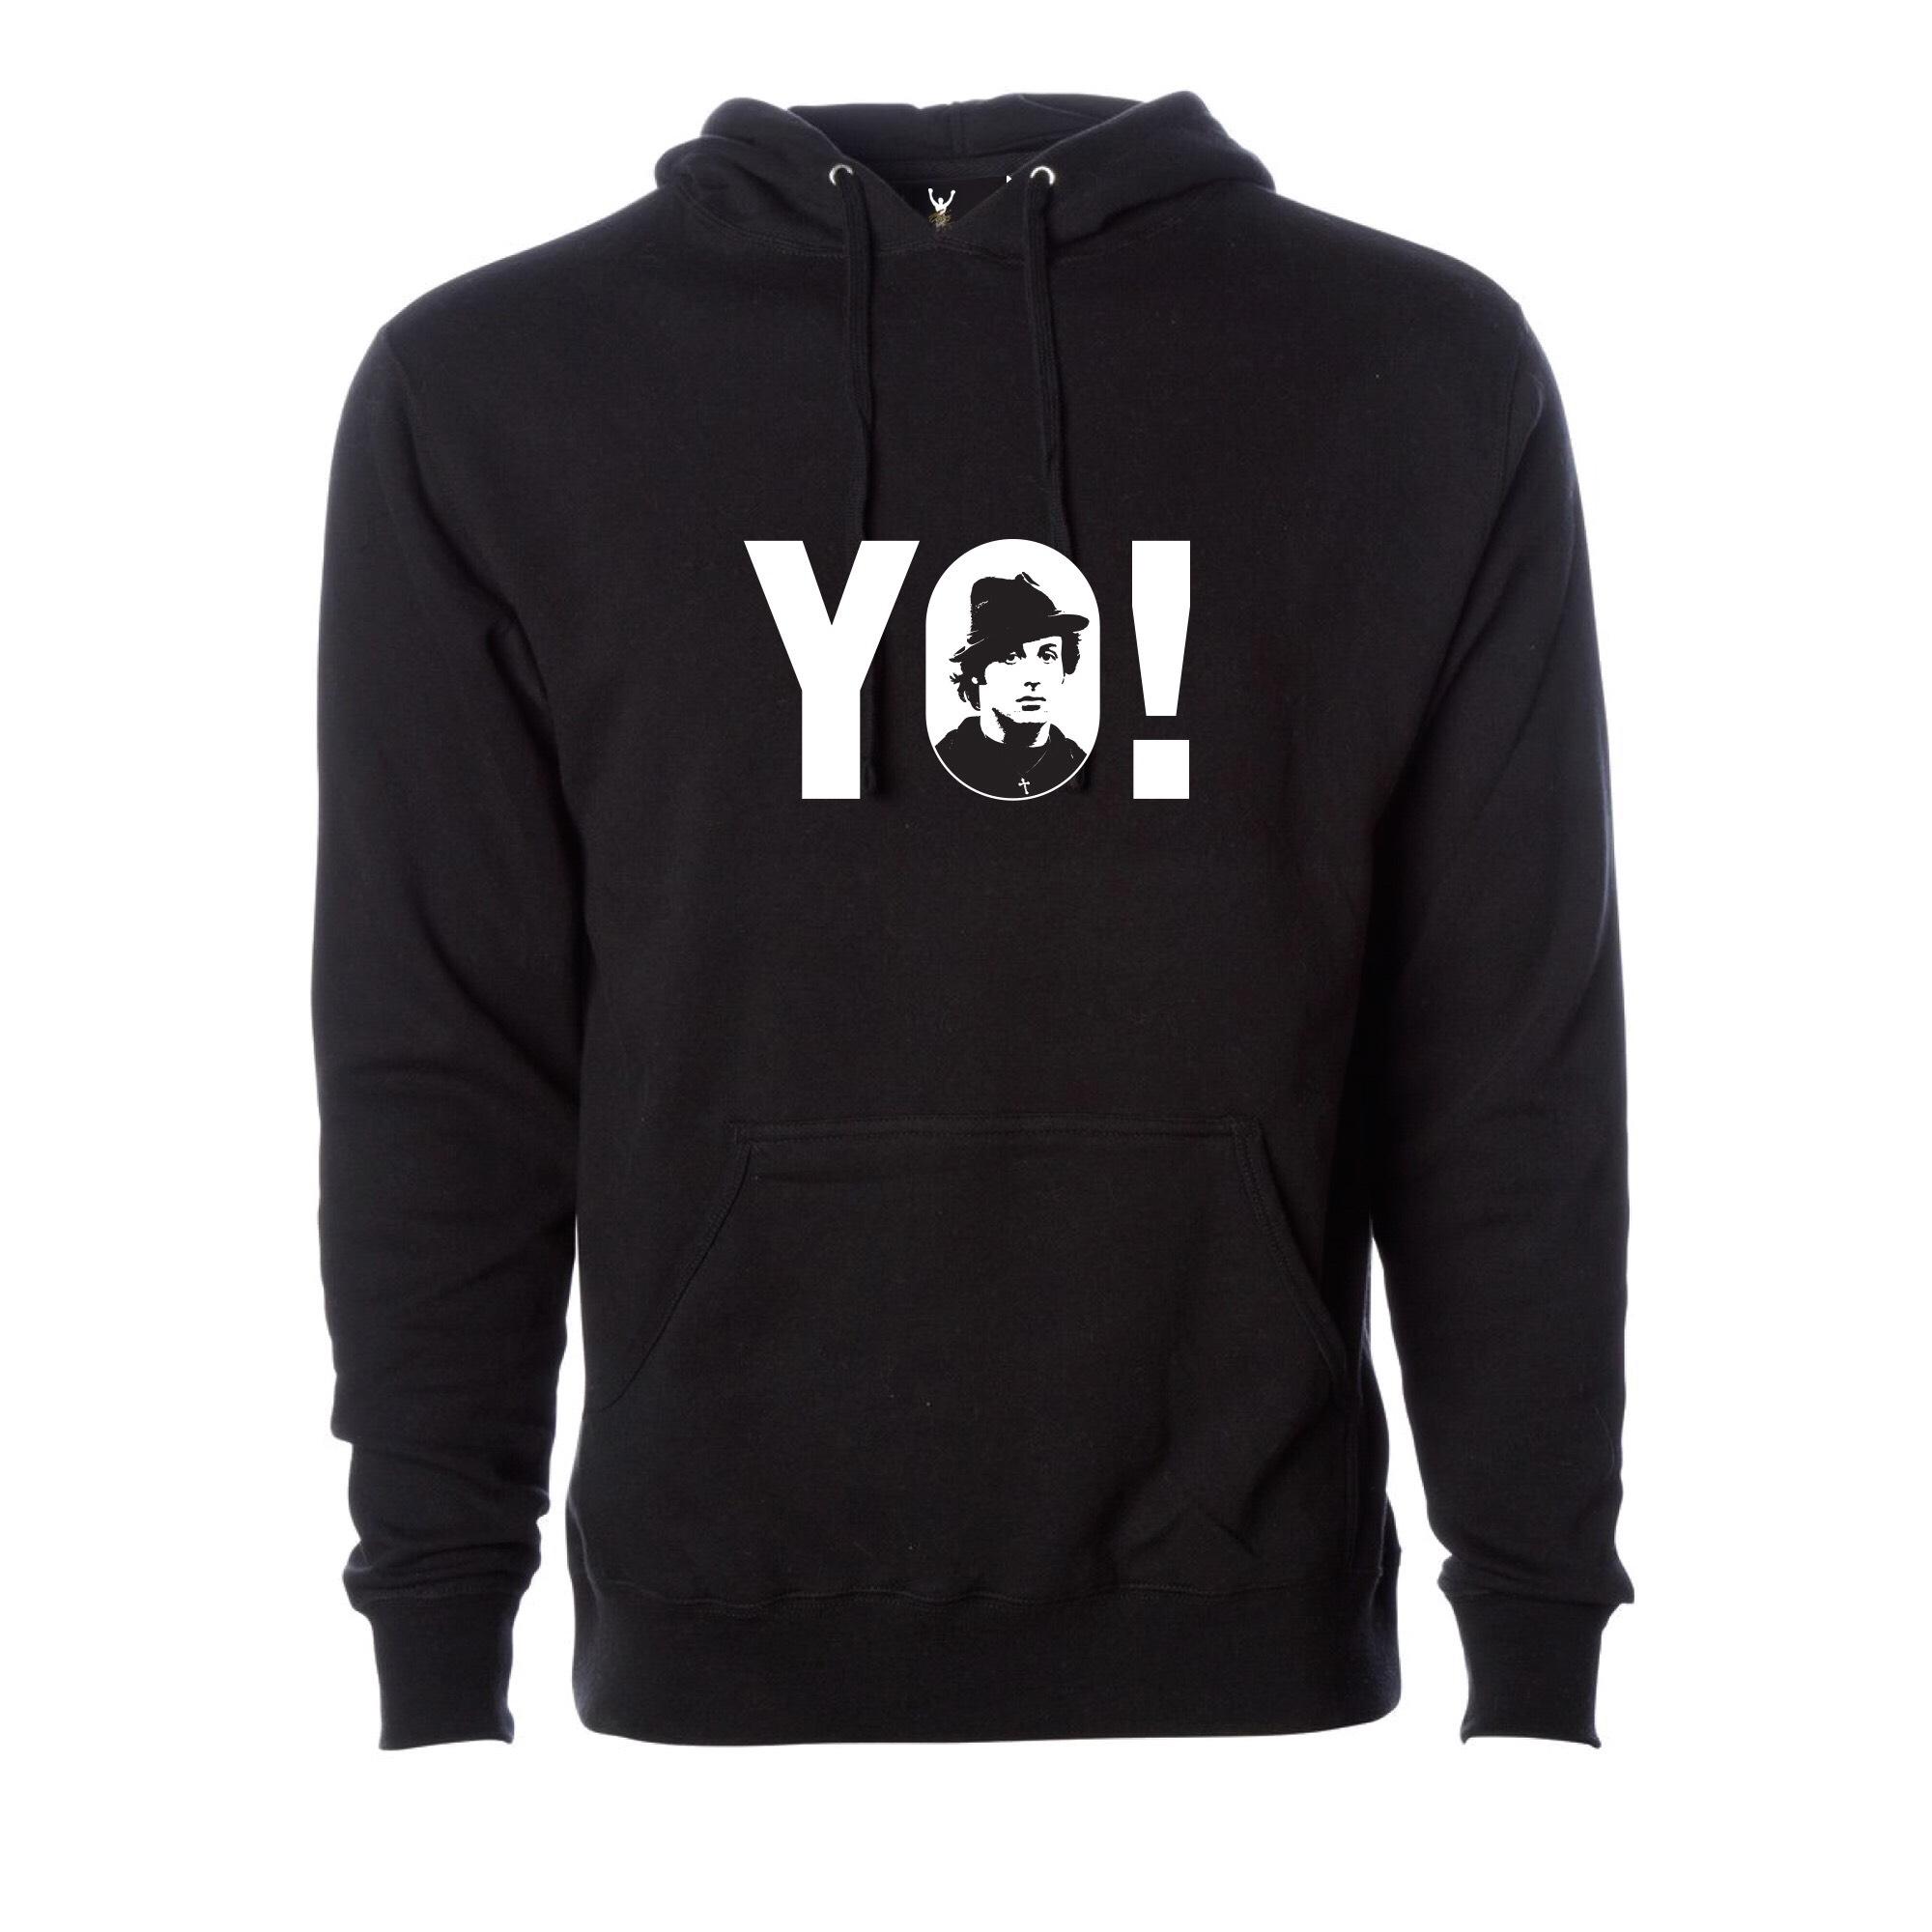 YO! Pullover Hoodie